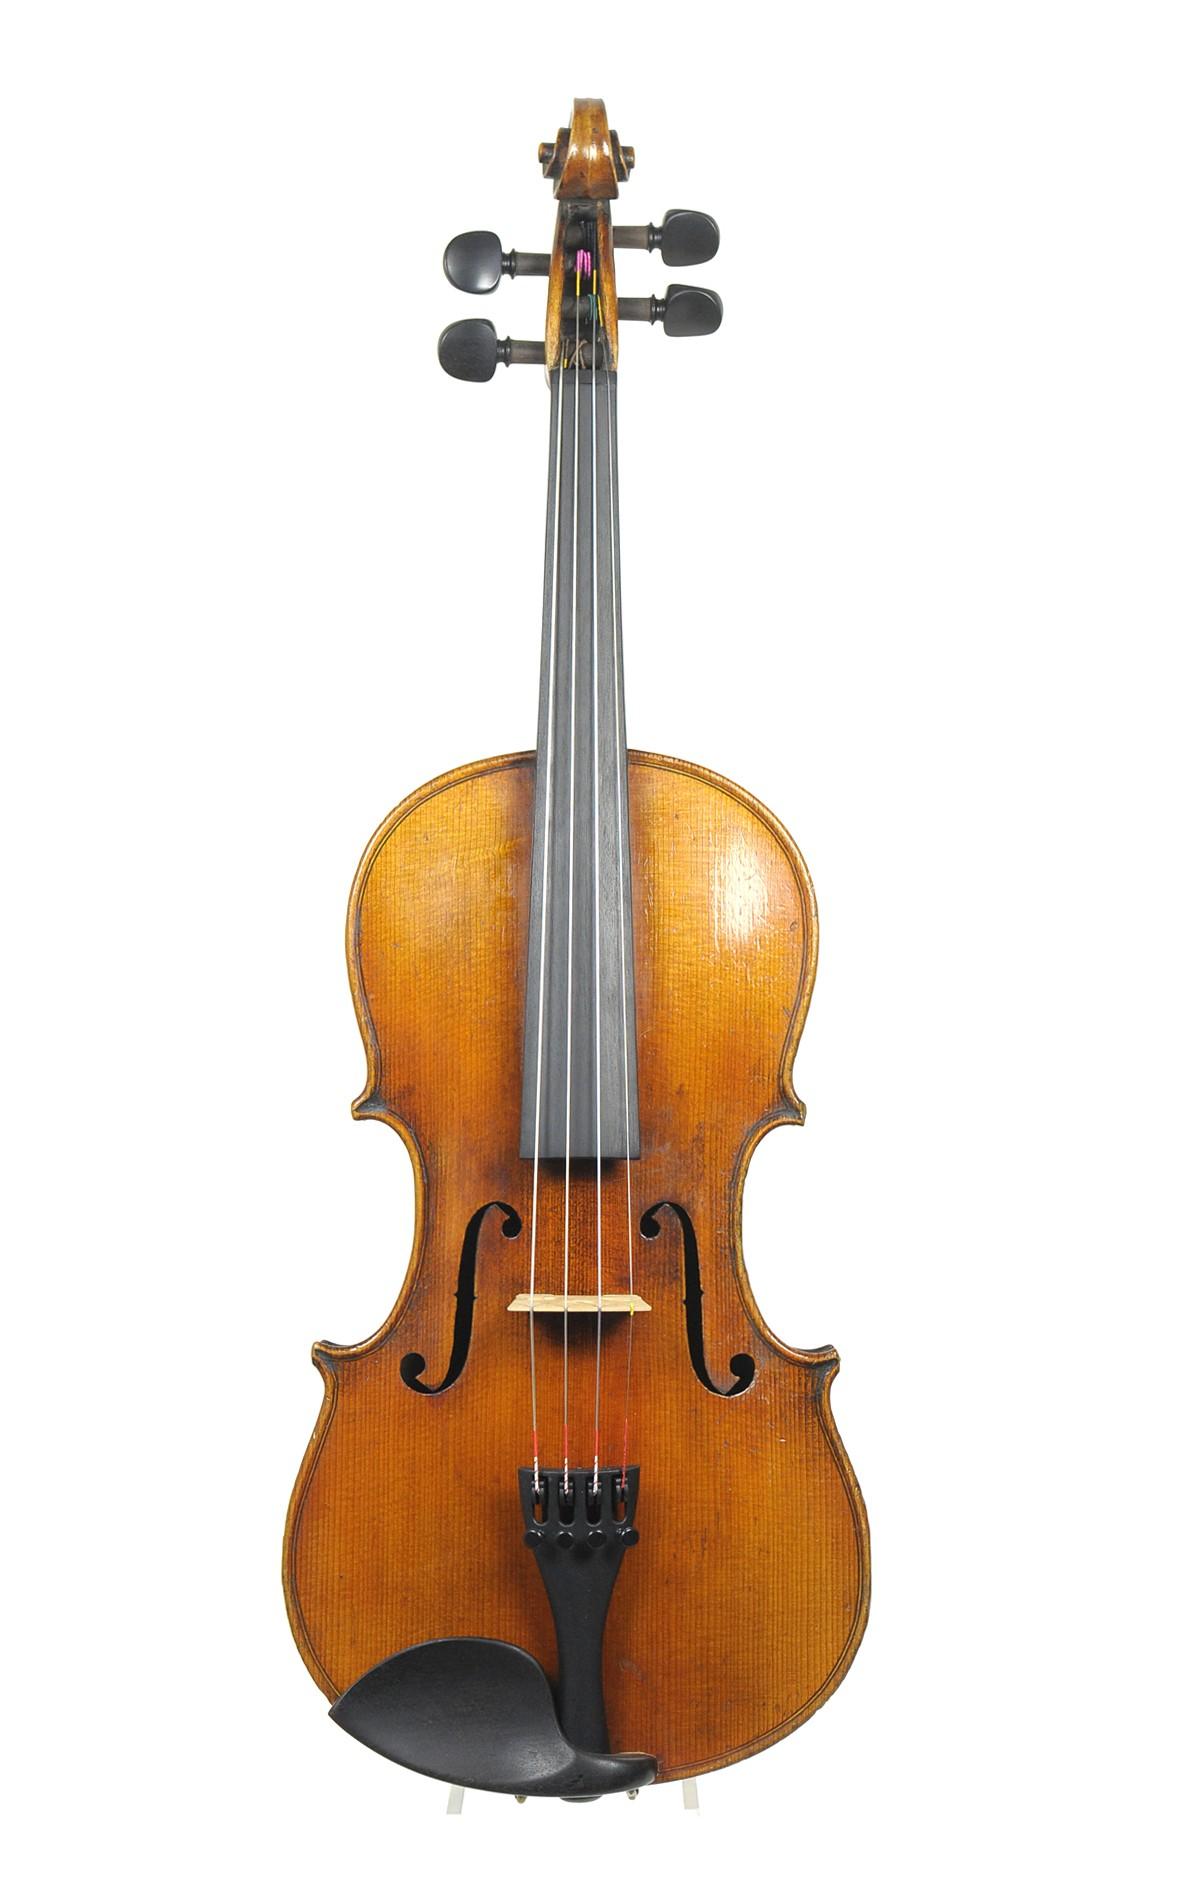 August Clemens Glier, old German 3/4 violin - top